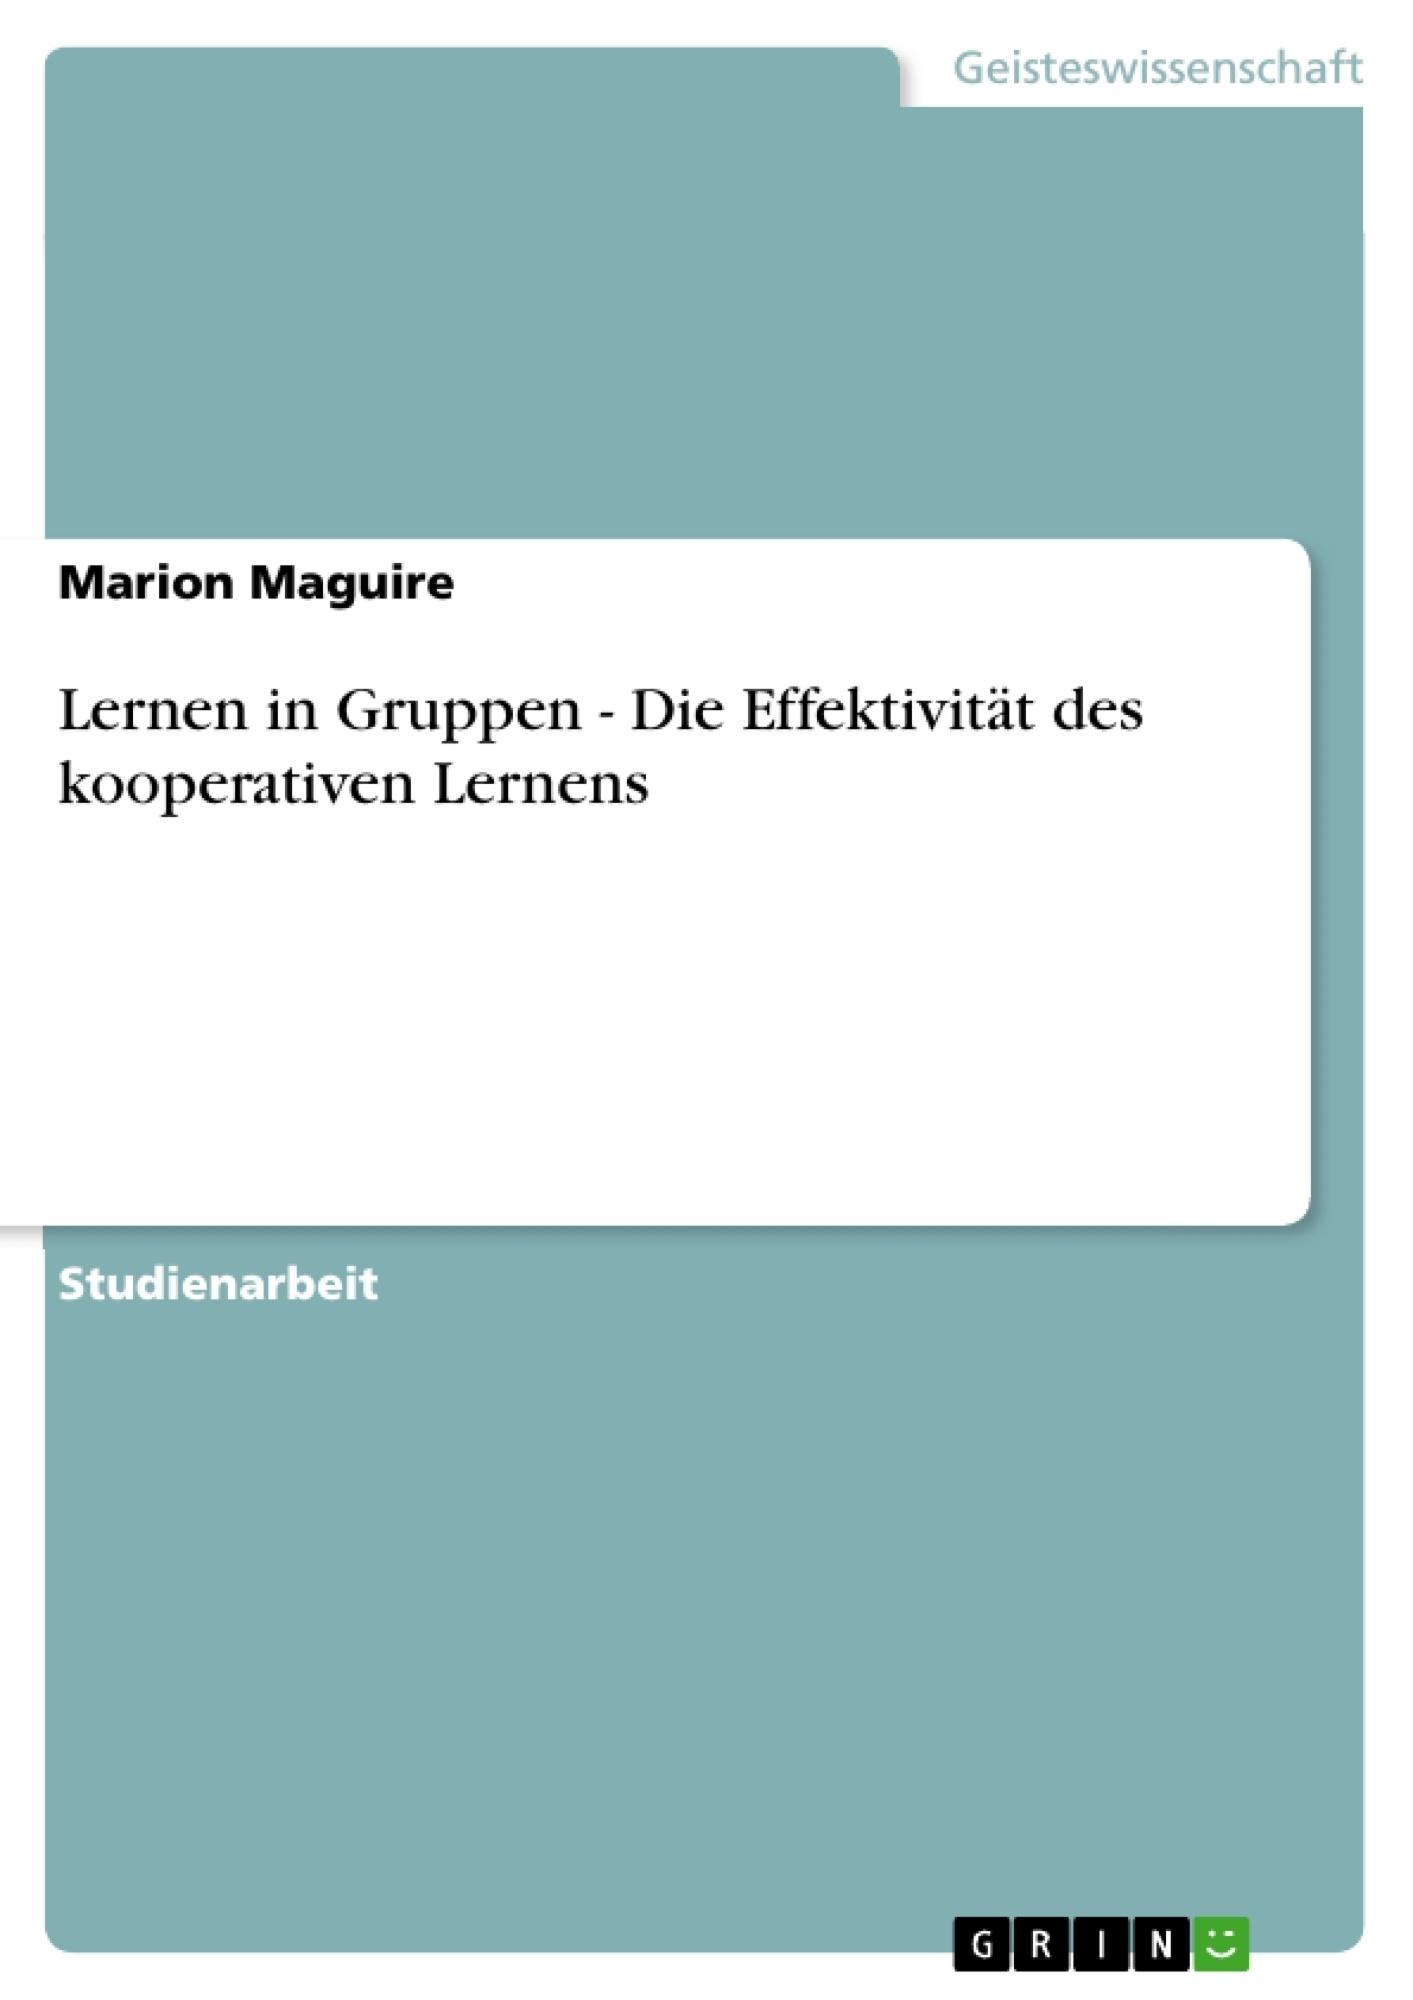 Titel: Lernen in Gruppen - Die Effektivität des kooperativen Lernens